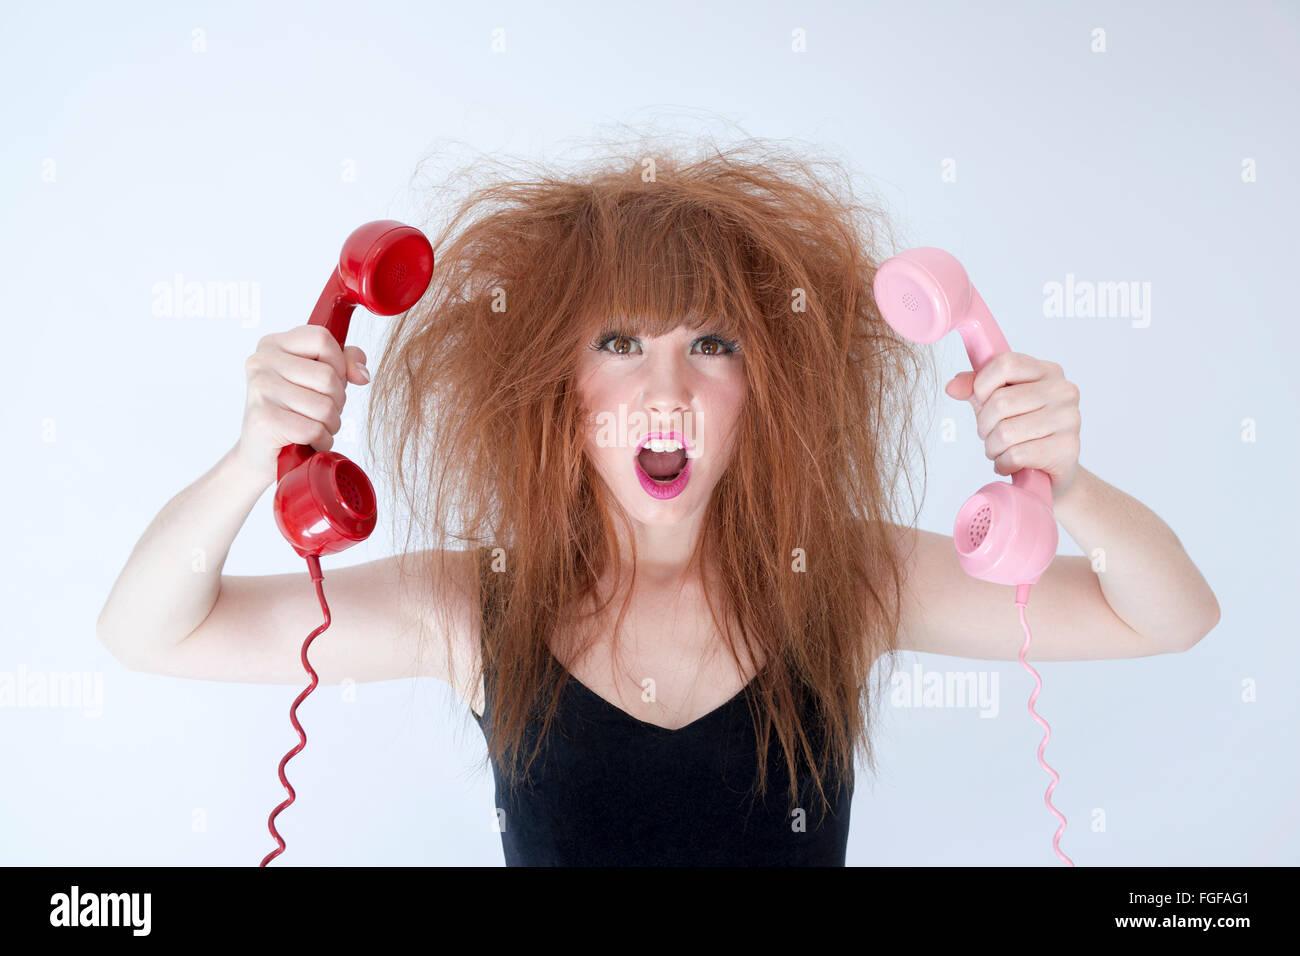 Donna con capelli disordinati tenendo due telefoni retrò urlando Immagini Stock